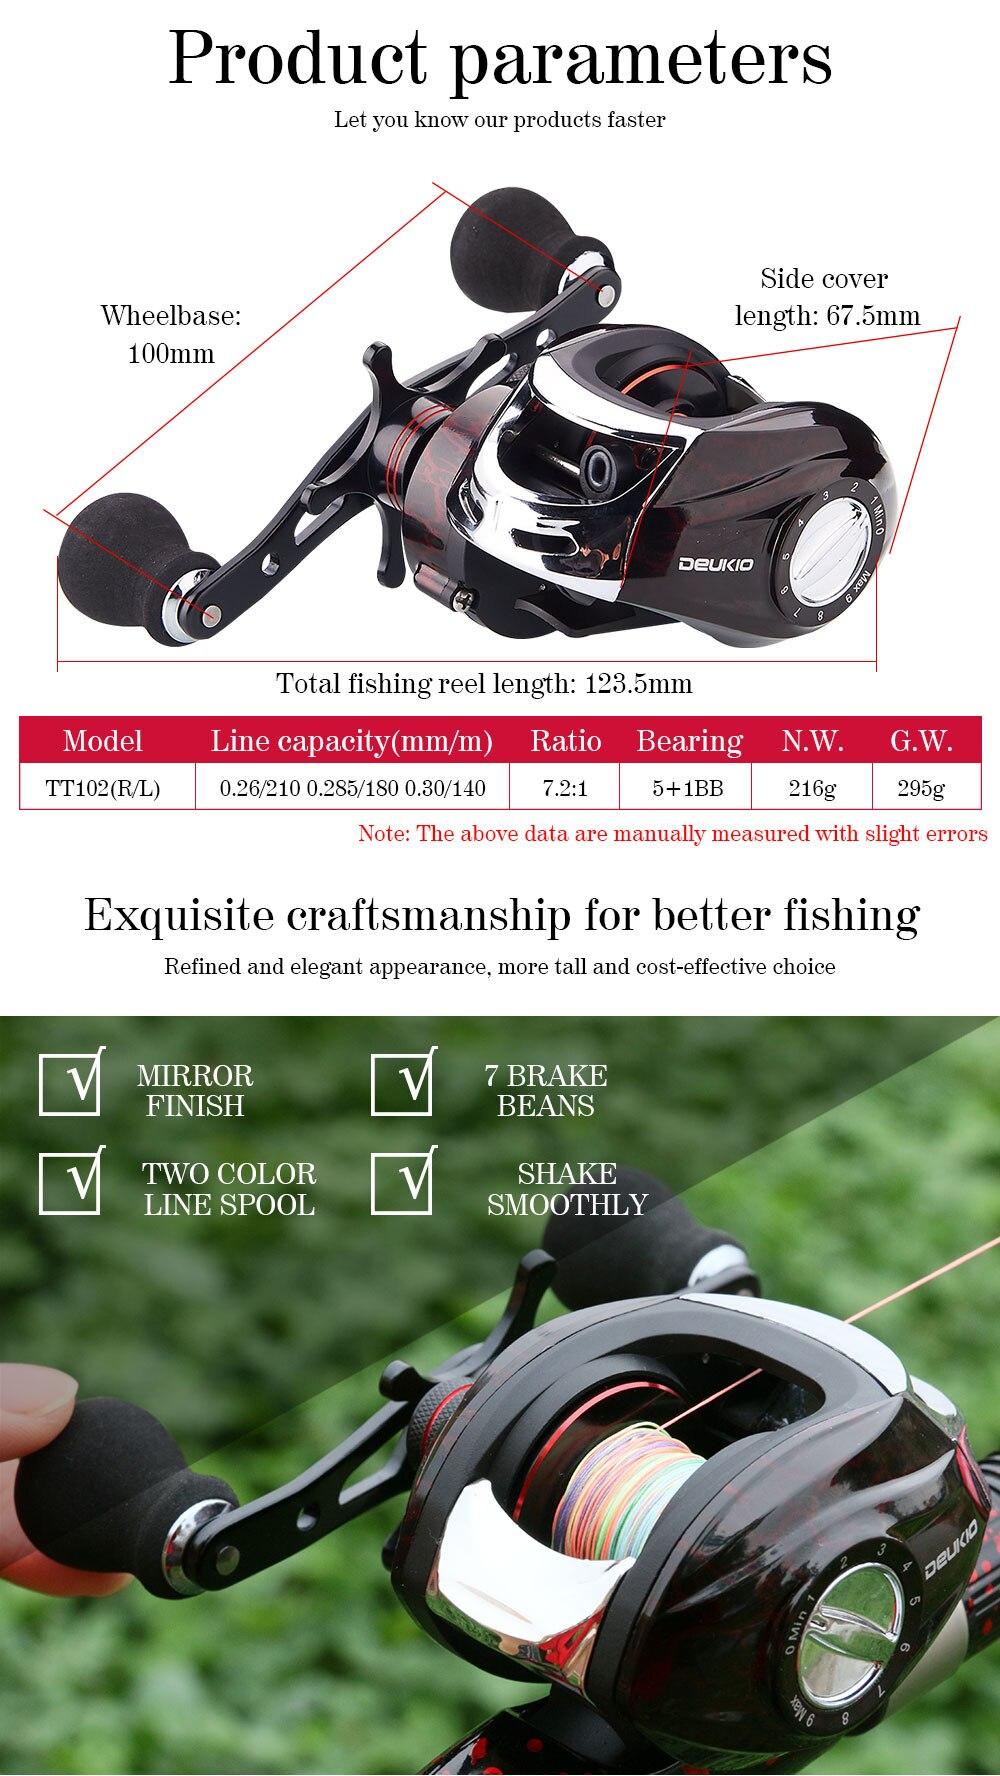 Deukio baitcasting carretel de pesca equipado pe